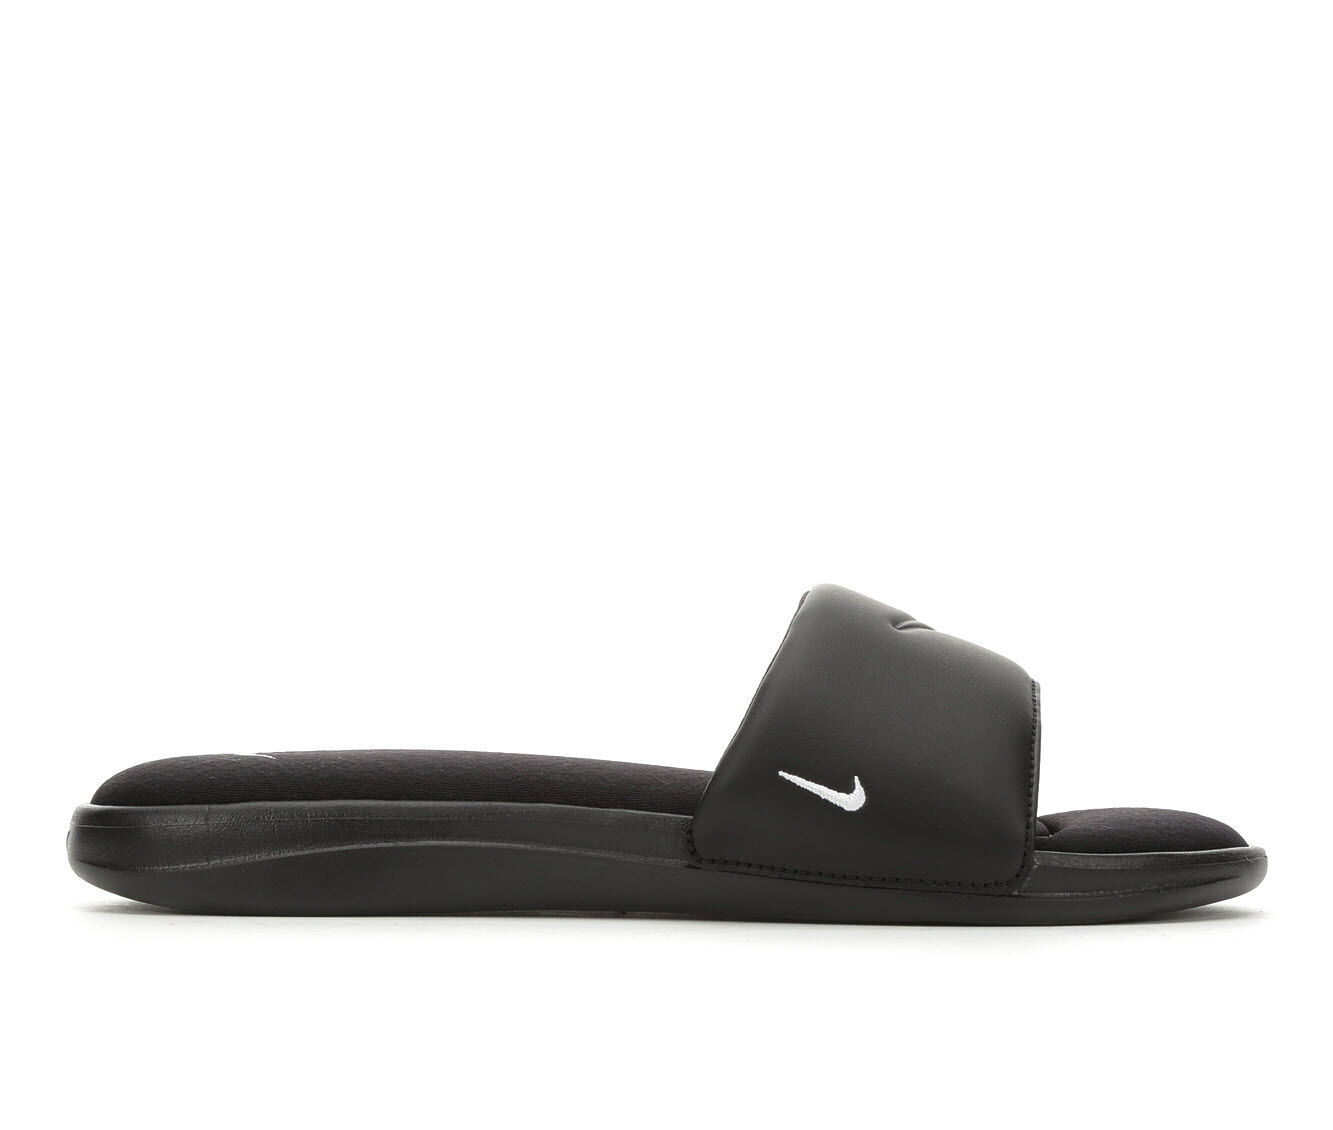 Women's Nike Ultra Comfort Slde 3 Sport Sandals Black/White